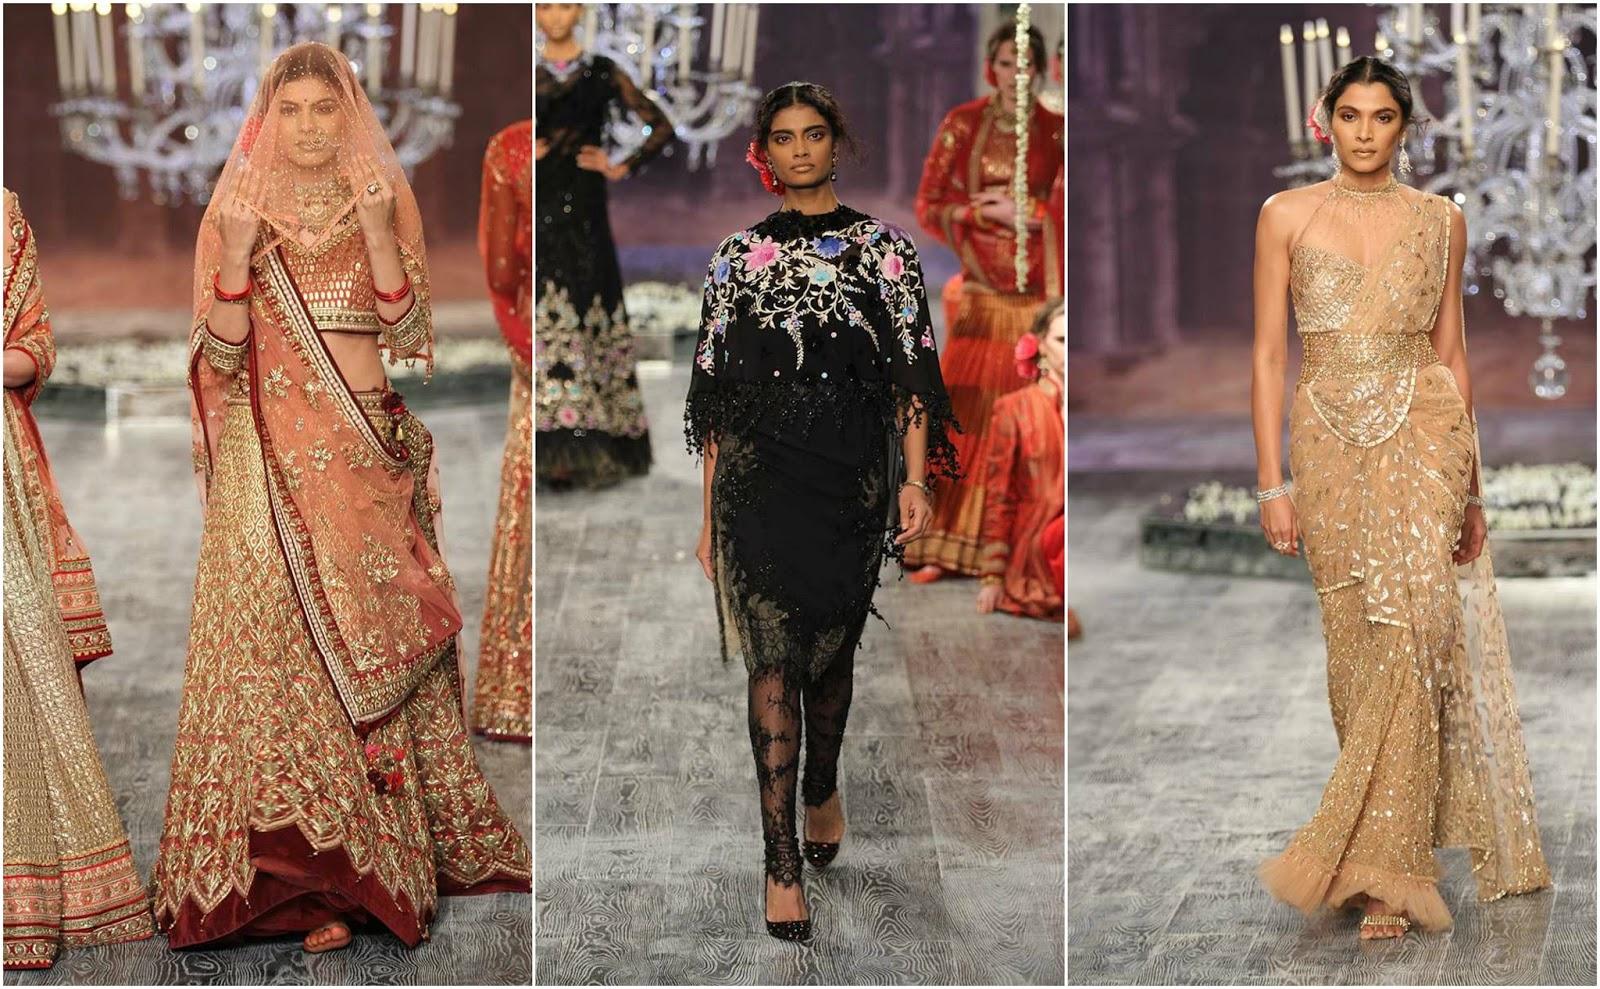 Retro fashion in india 98